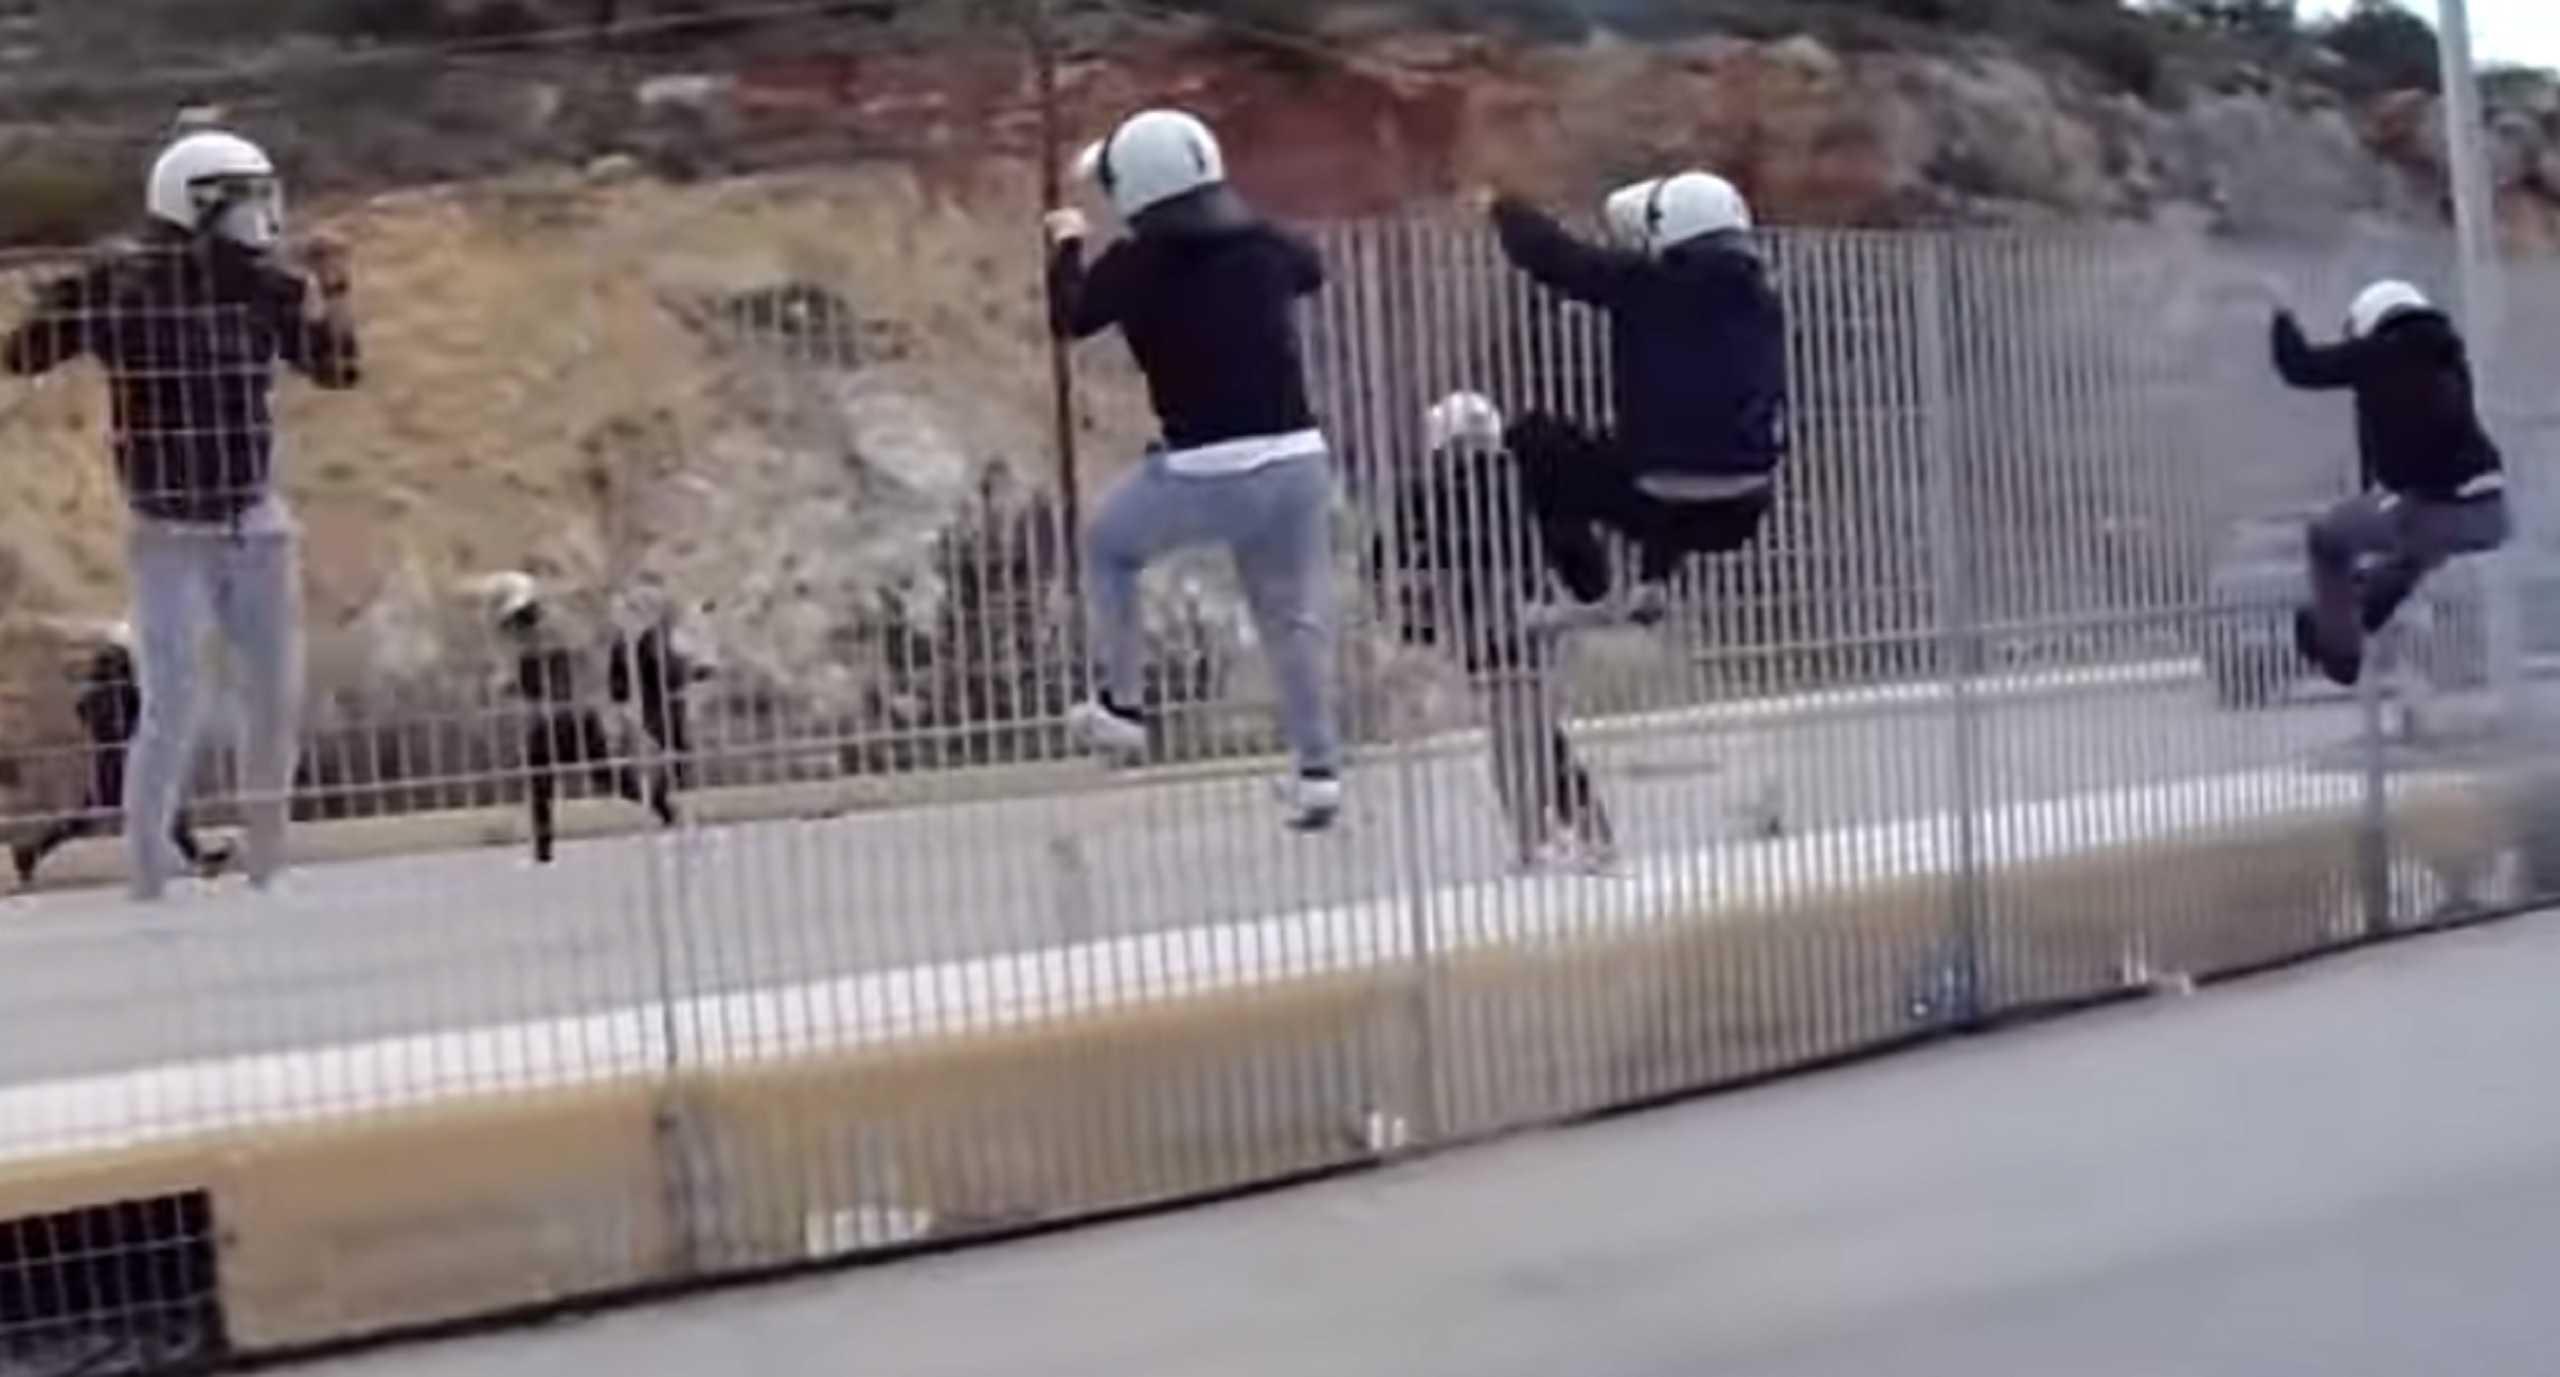 Αστυνομικοί τραμπούκισαν και... έφυγαν στο λιμάνι των Μεστών στη Χίο